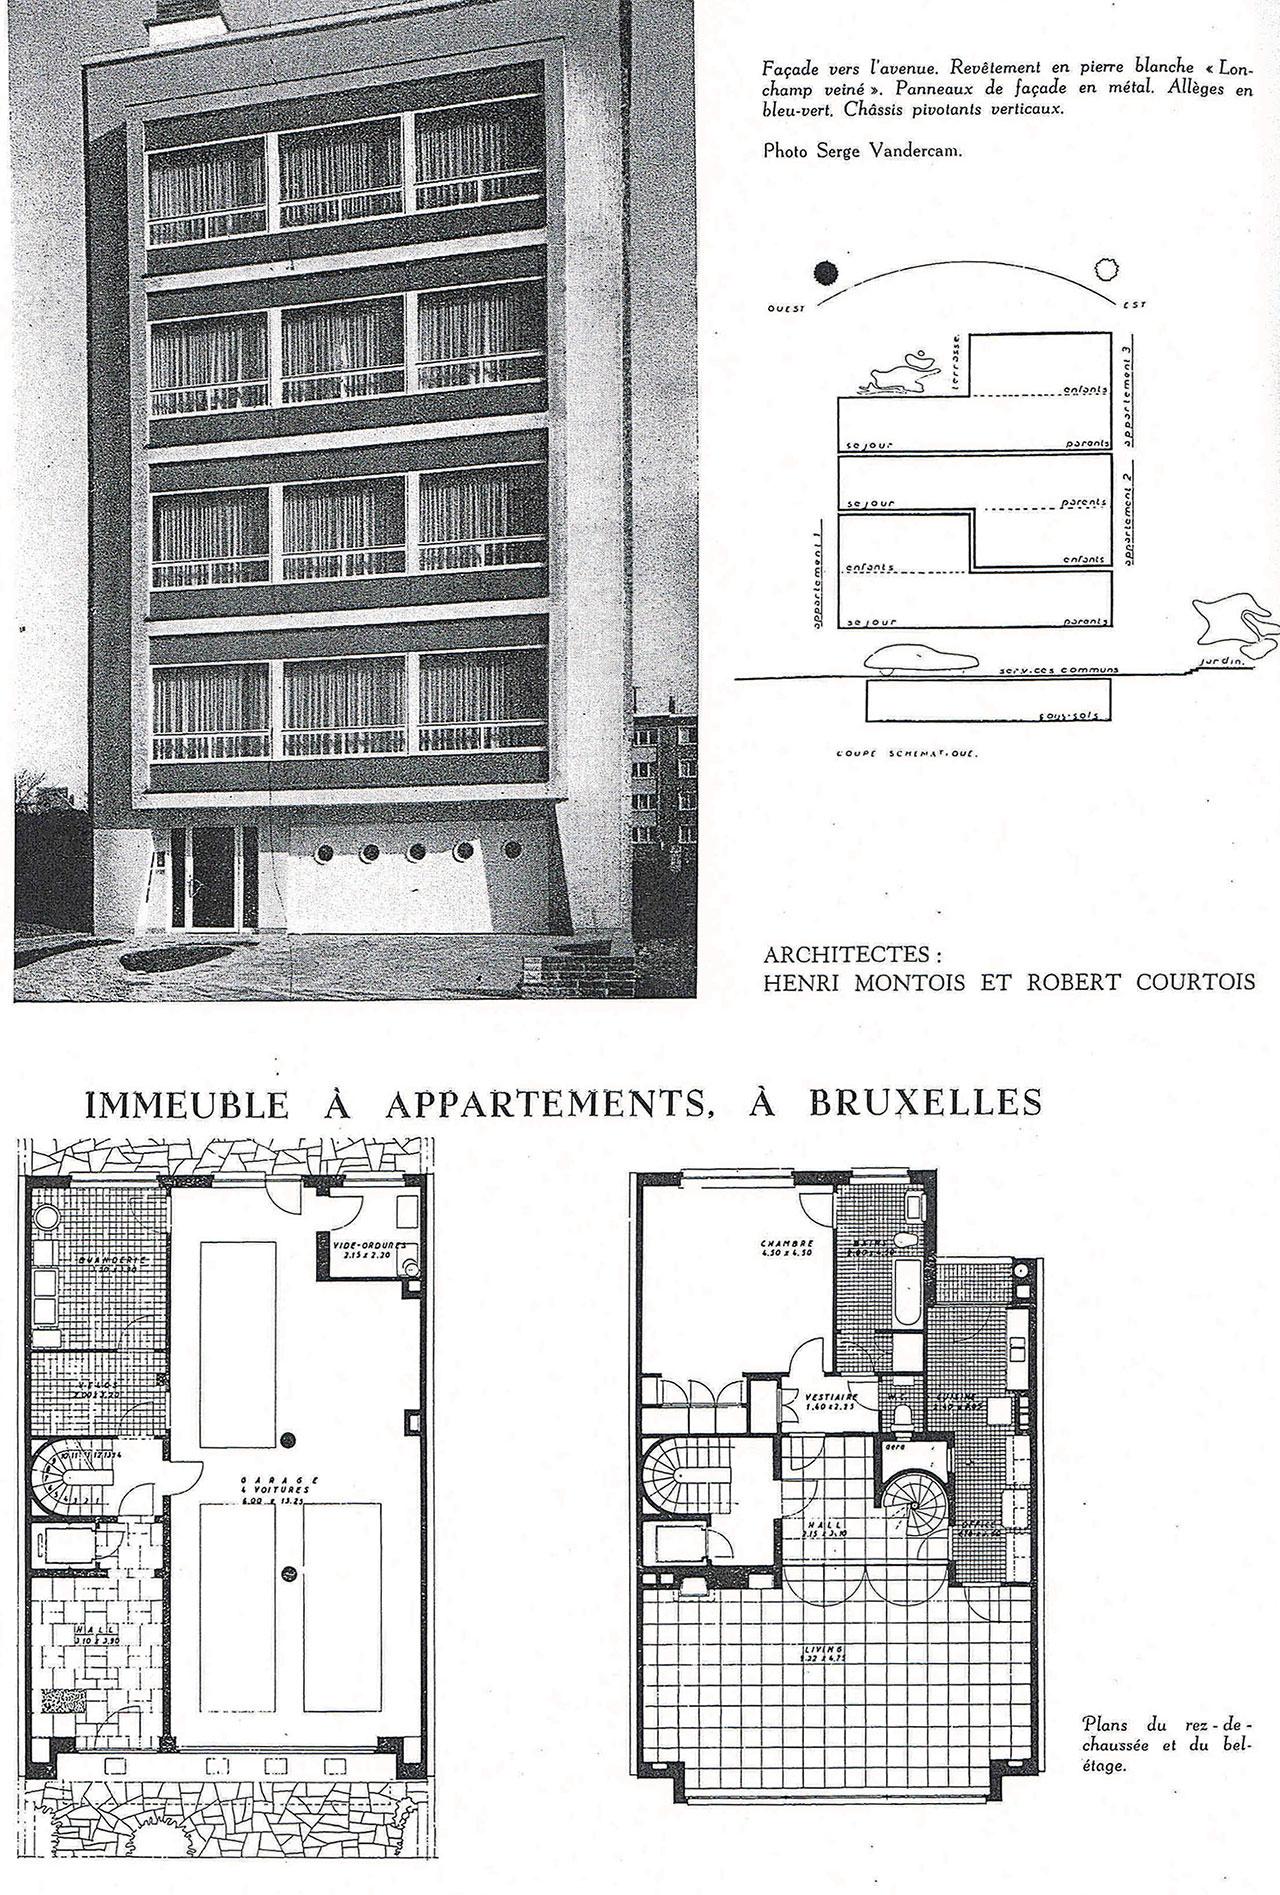 Immeuble à appartements, à Bruxelles